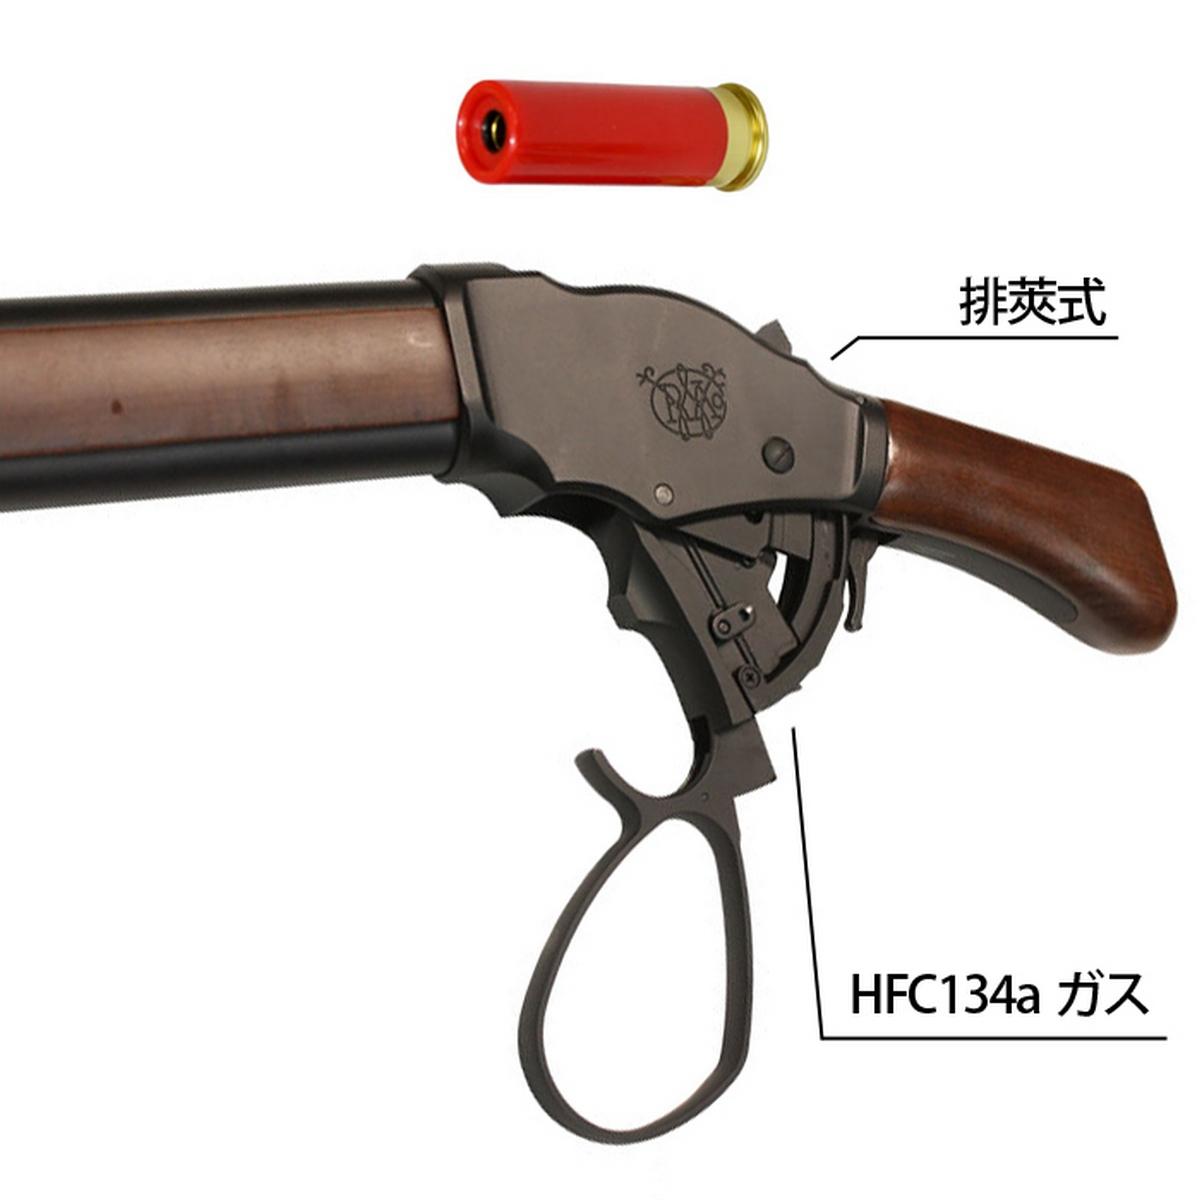 【入荷予約】S&T ウィンチェスター M1887 ソードオフ ガスショットガン リアルウッド BK ワイドレバー(排莢式)